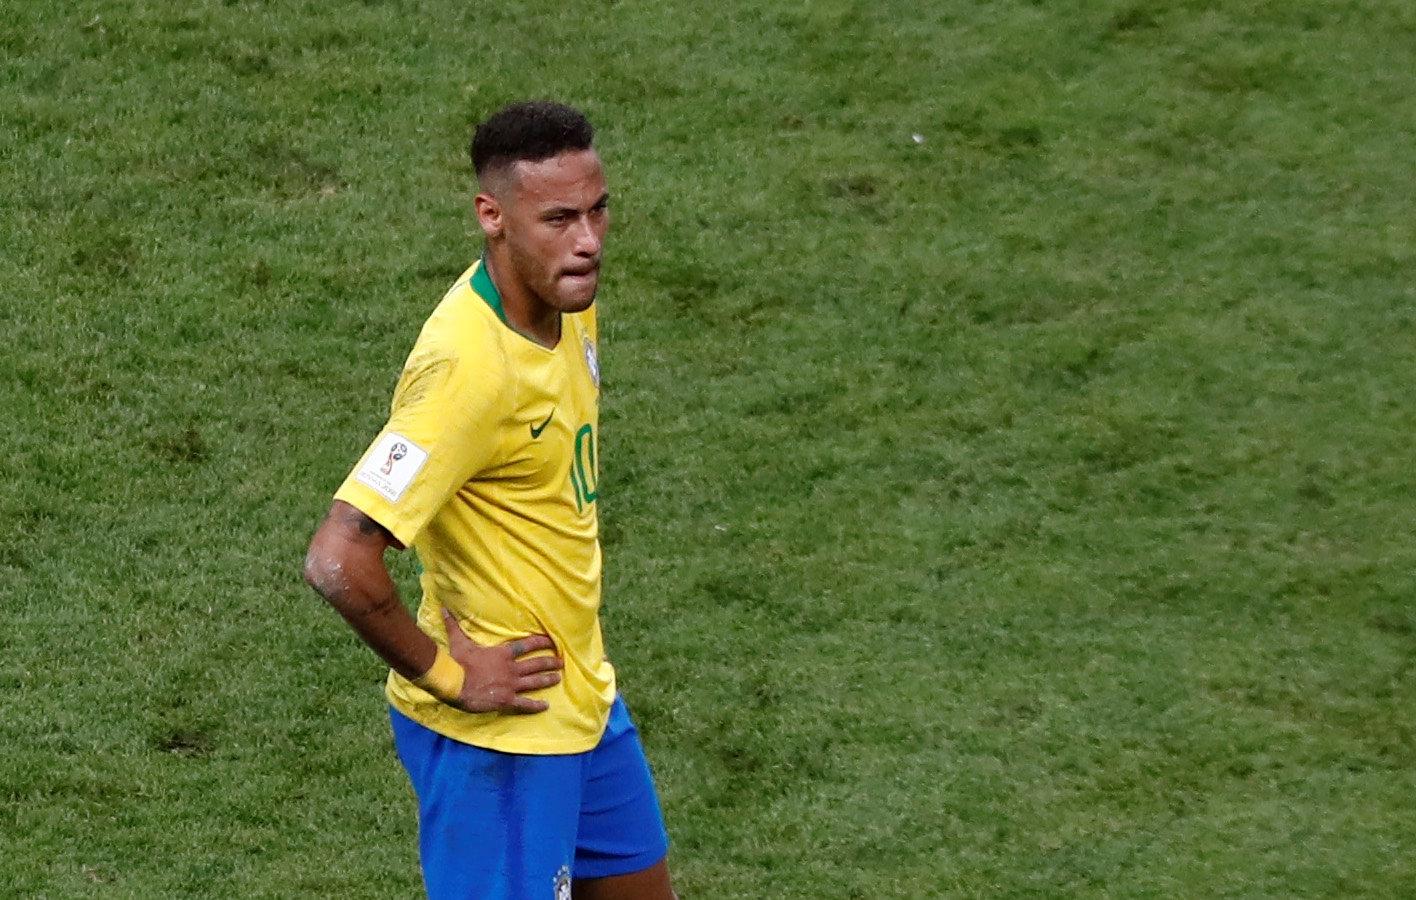 Soccer Football - World Cup - Quarter Final - Brazil vs Belgium - Kazan Arena, Kazan, Russia - July 6, 2018  Brazil's Neymar looks dejected after the match   REUTERS/Murad Sezer